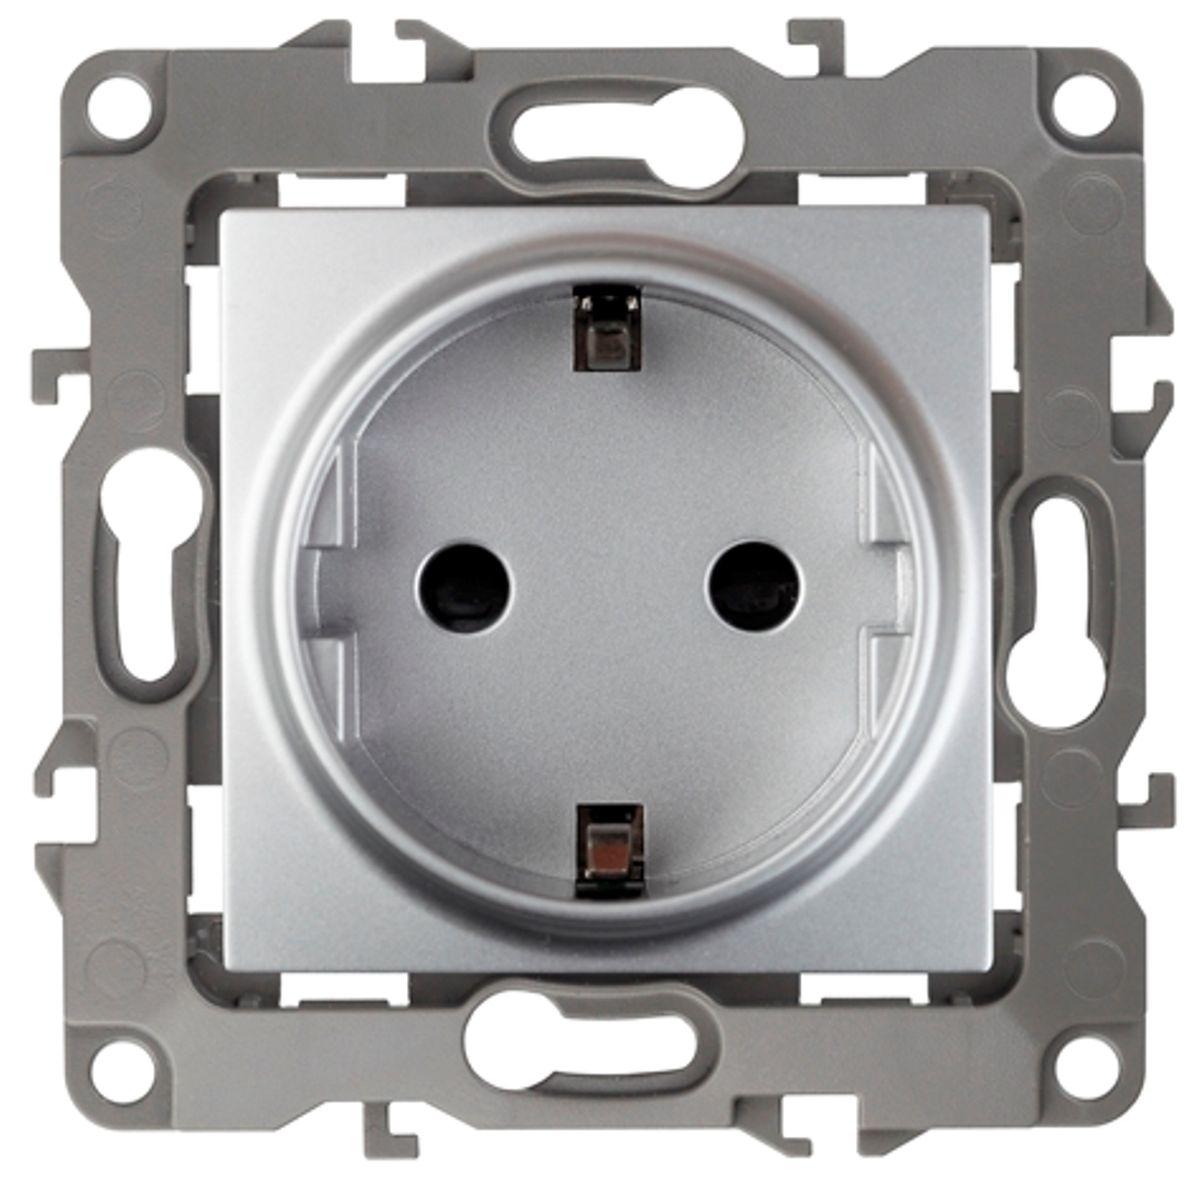 Розетка одинарная Эра, цвет: алюминий. 12-2101-0212-2101-03Одинарная розетка Эра с заземлением, скрытой установки, имеет бронзовые контакты и фиксаторы модулей. Автоматические зажимы кабеля обеспечивают быстрый и надежный монтаж изделия к электросети без отвертки и не требуют обслуживания в отличие от винтовых зажимов.